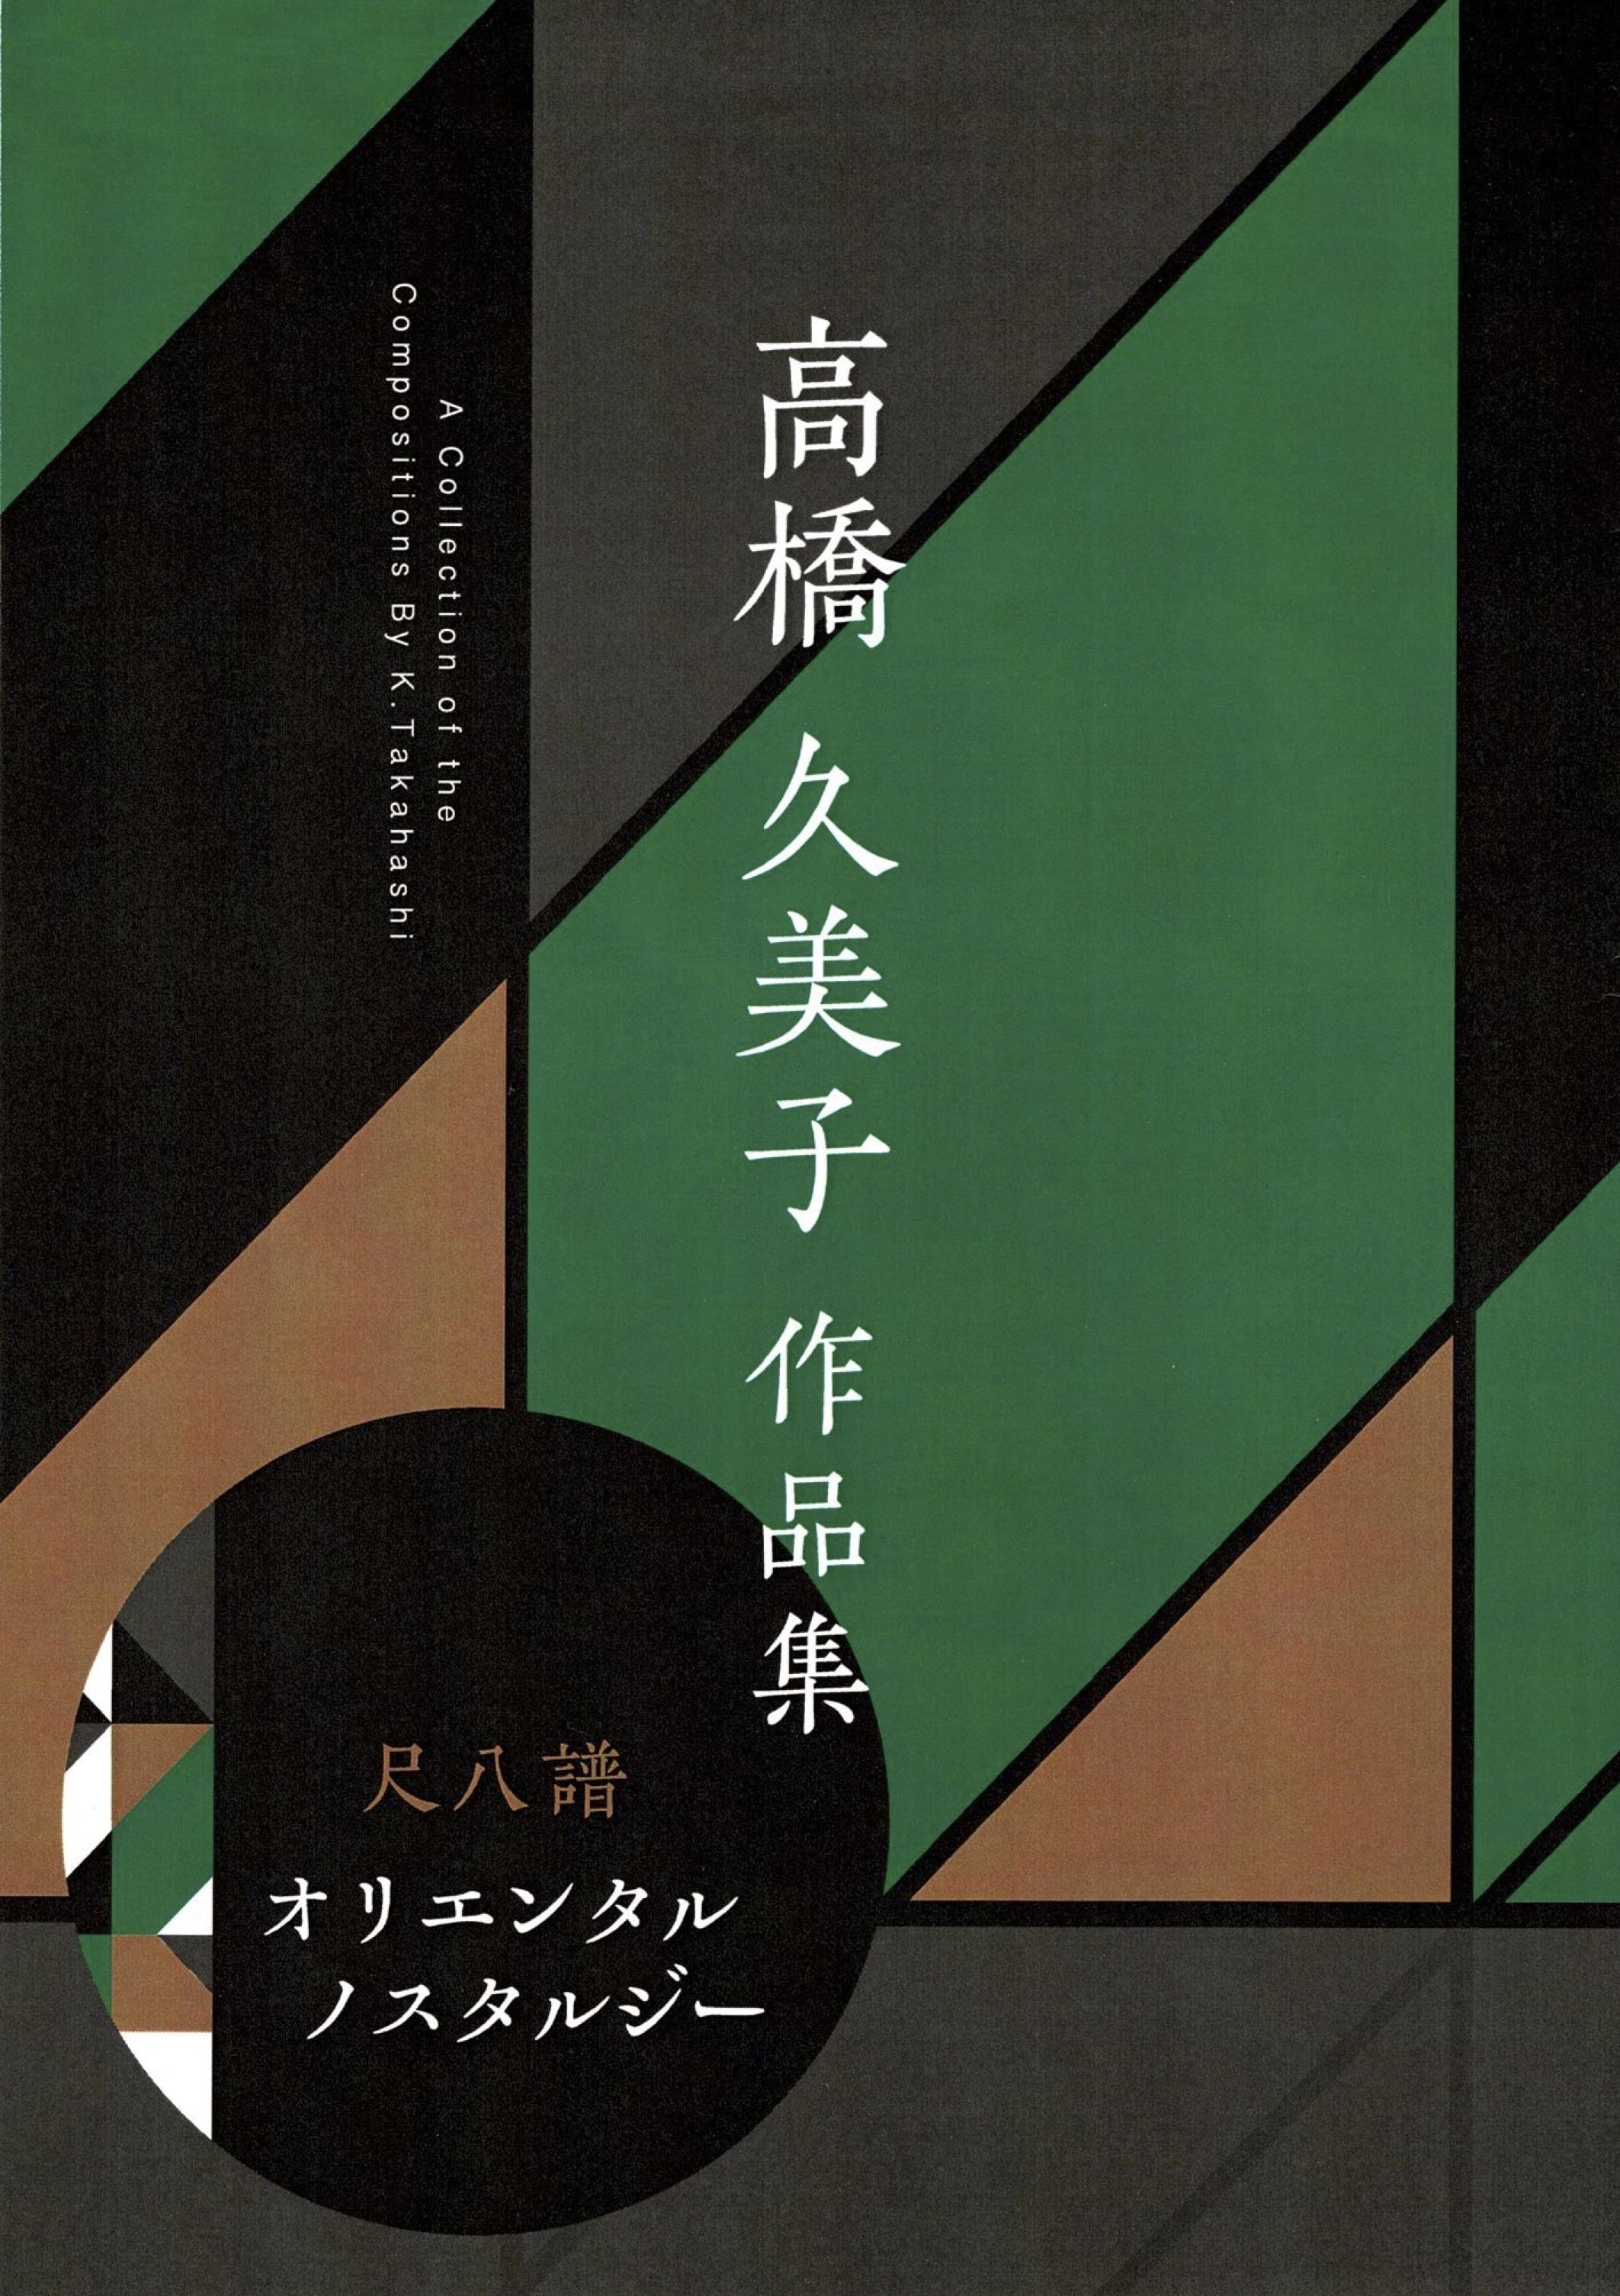 【楽譜】オリエンタル ノスタルジー 尺八譜(B5判)